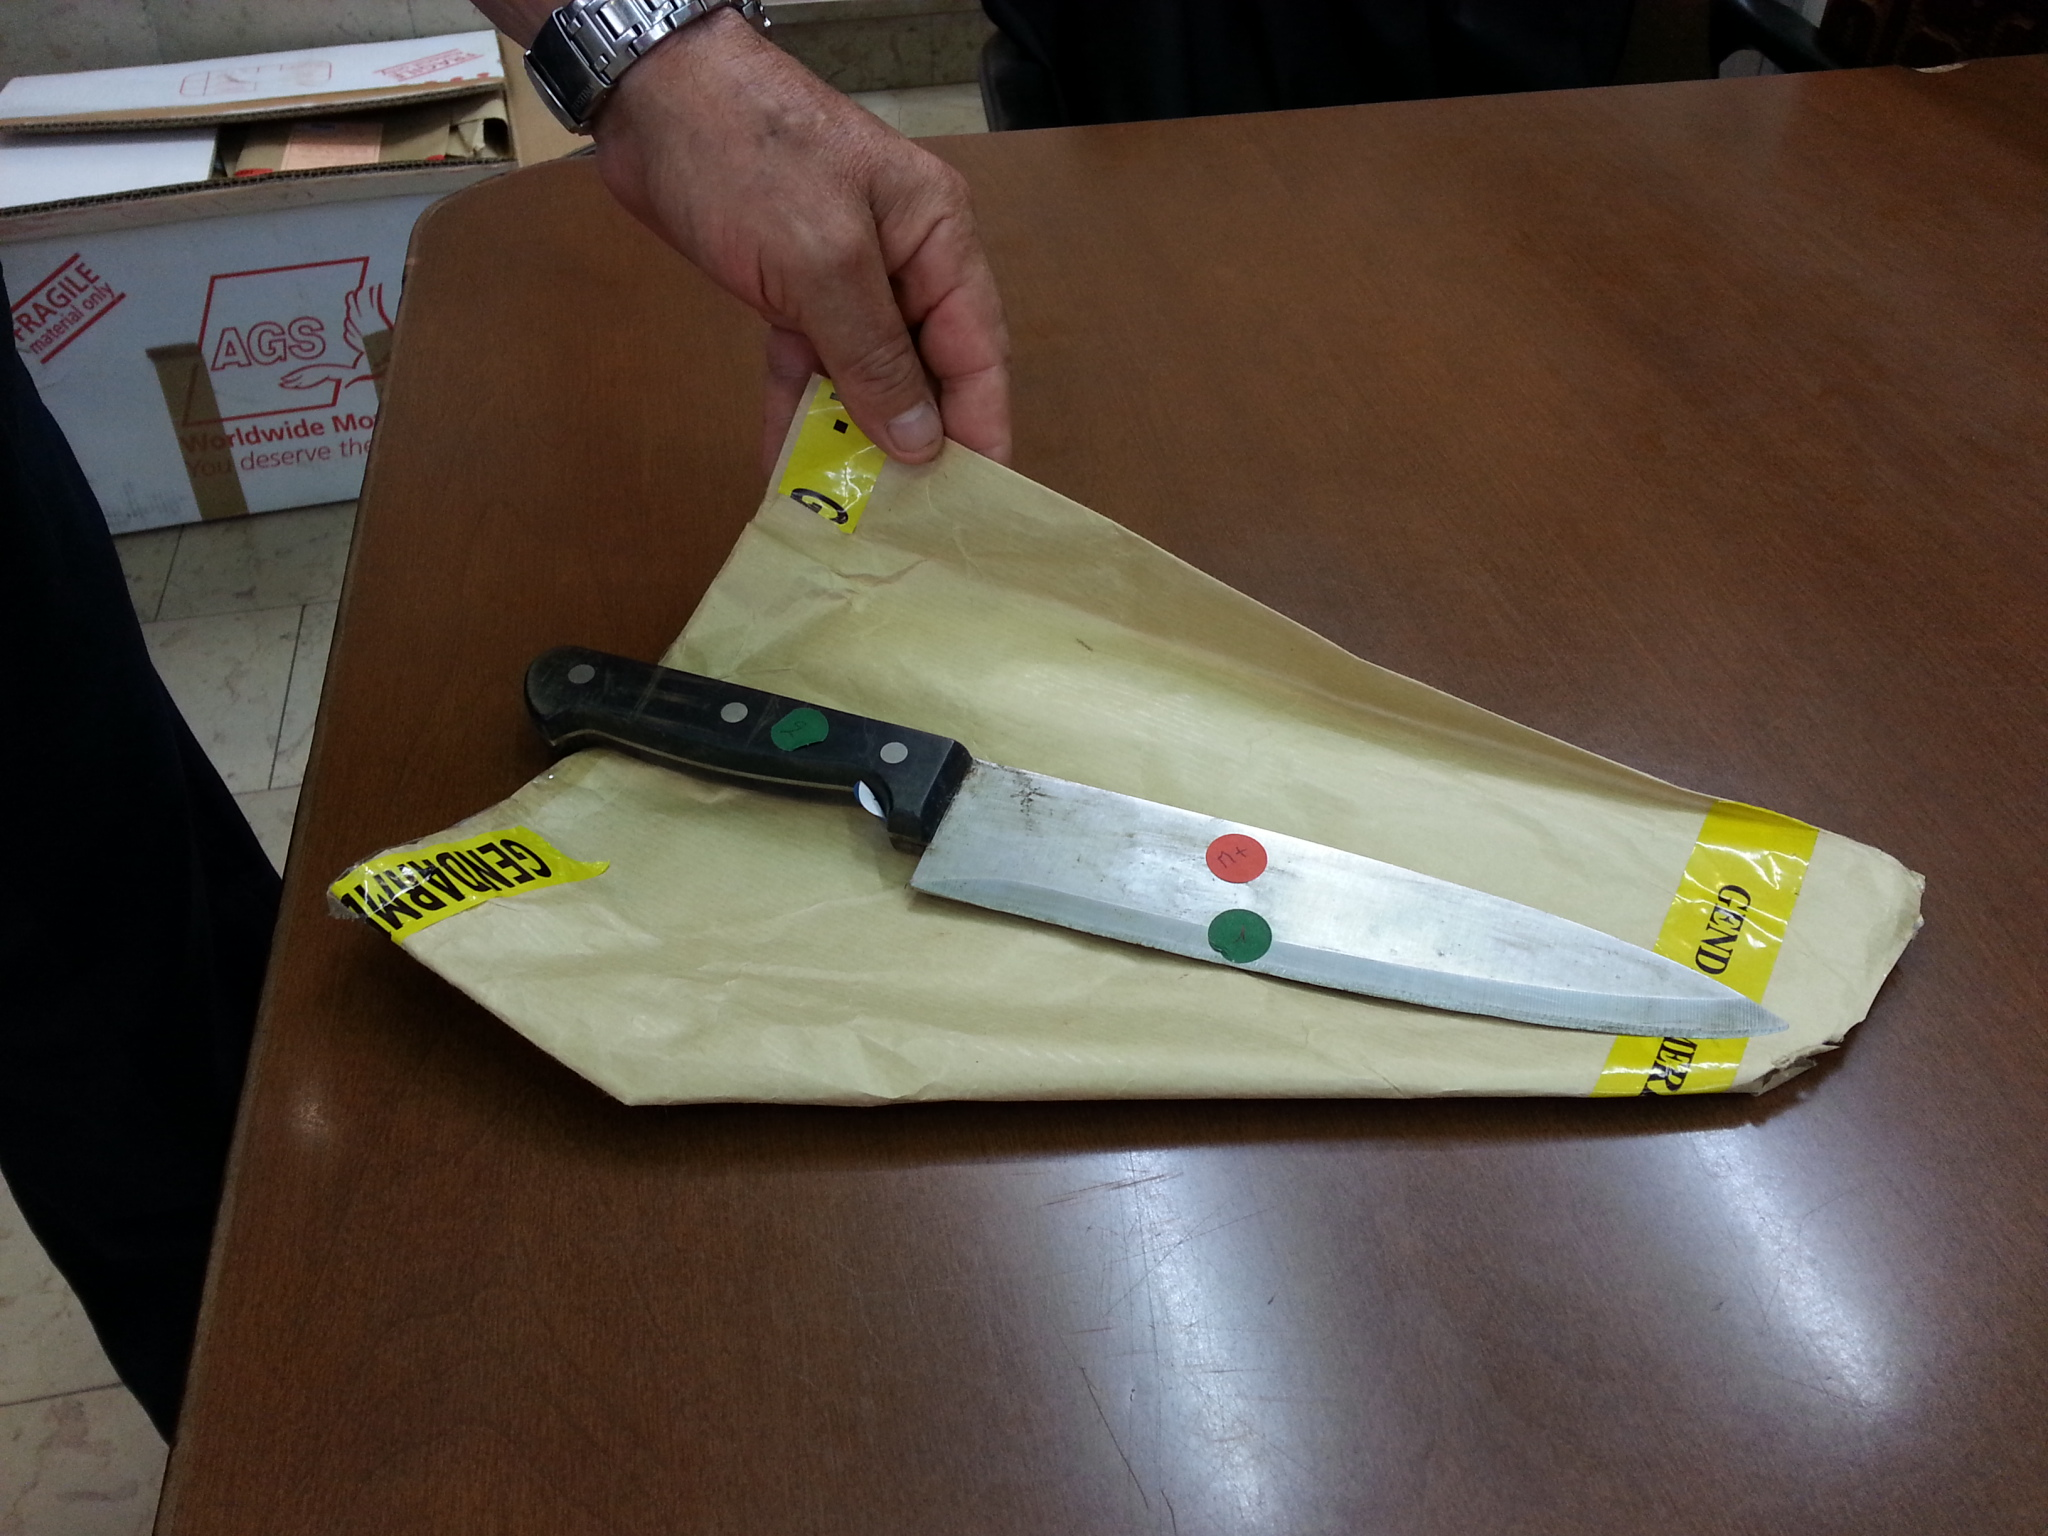 La victime du premier dossier jugé par les jurés avait succombé à un coup de couteau mortel à l'abdomen. (Archives)